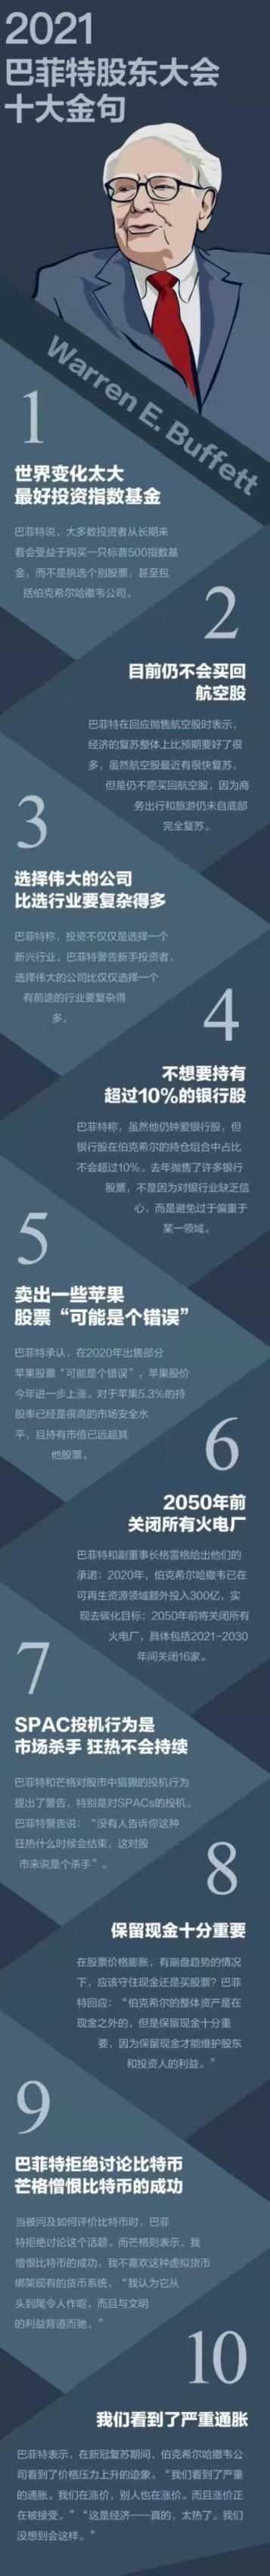 江西seo_比特币令人作呕!巴菲特股东大会刷屏 4小时30概略点 全球投资人都在看!插图3